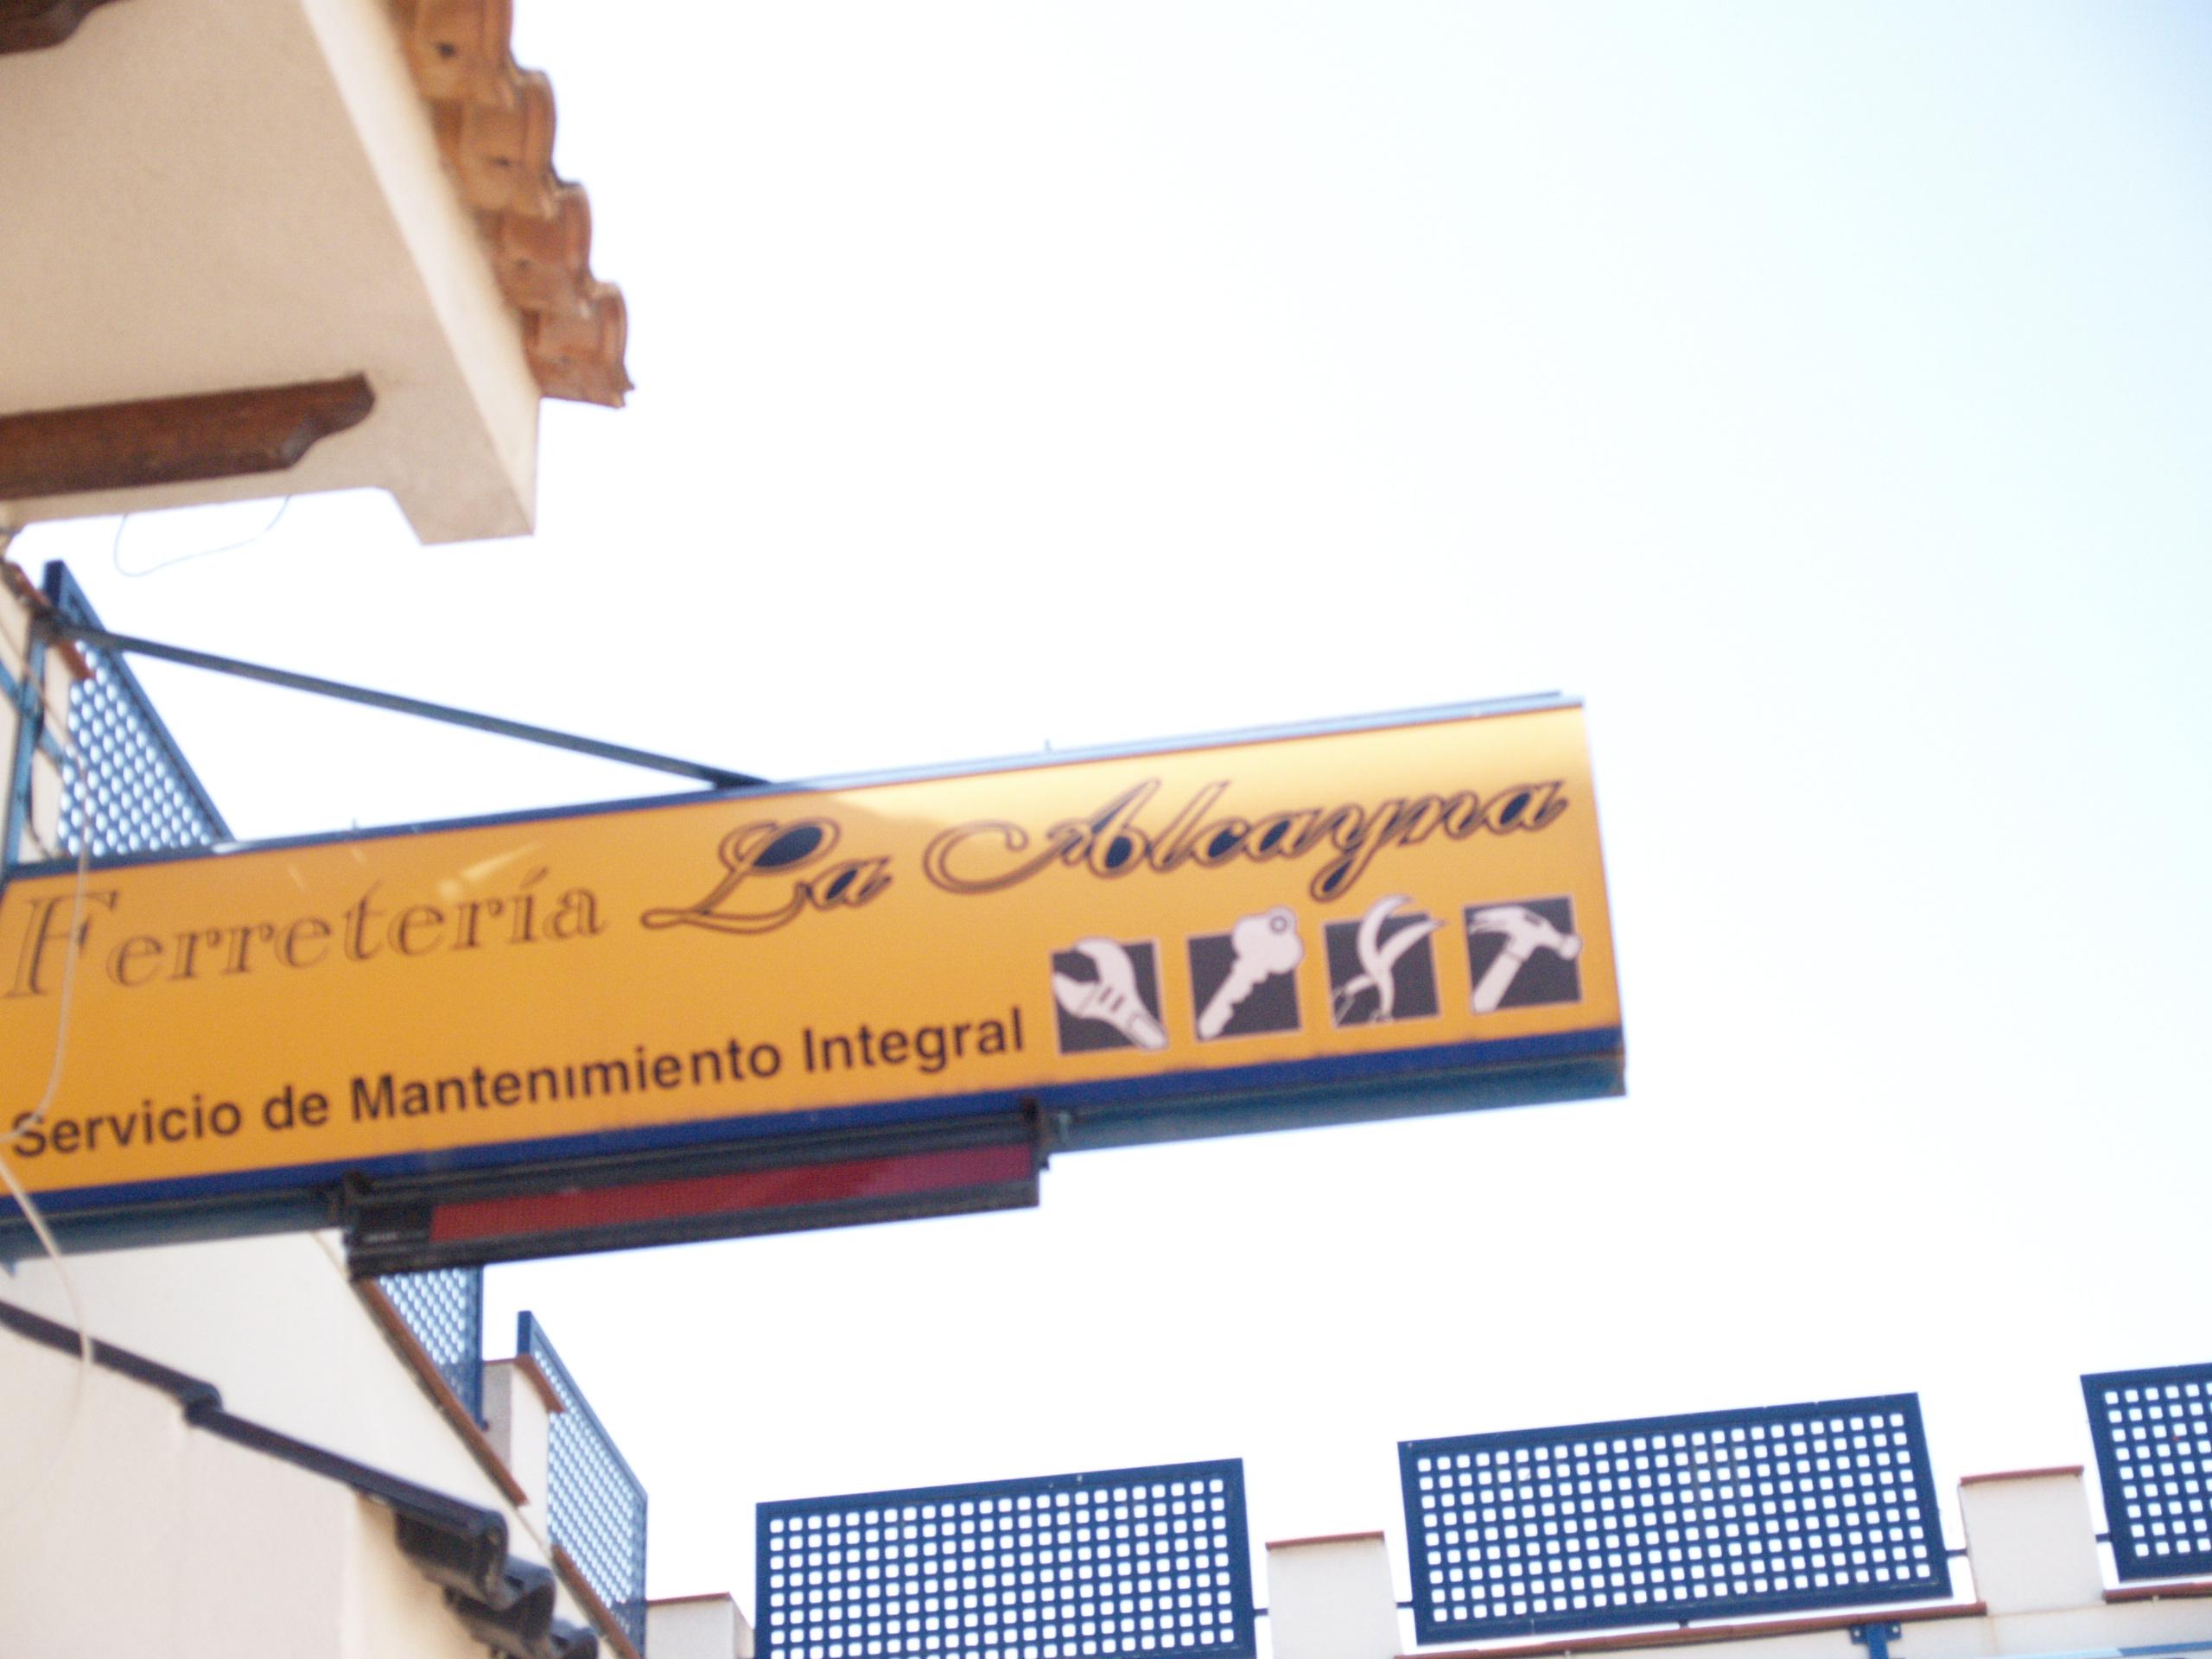 Ferretería La Alcayna